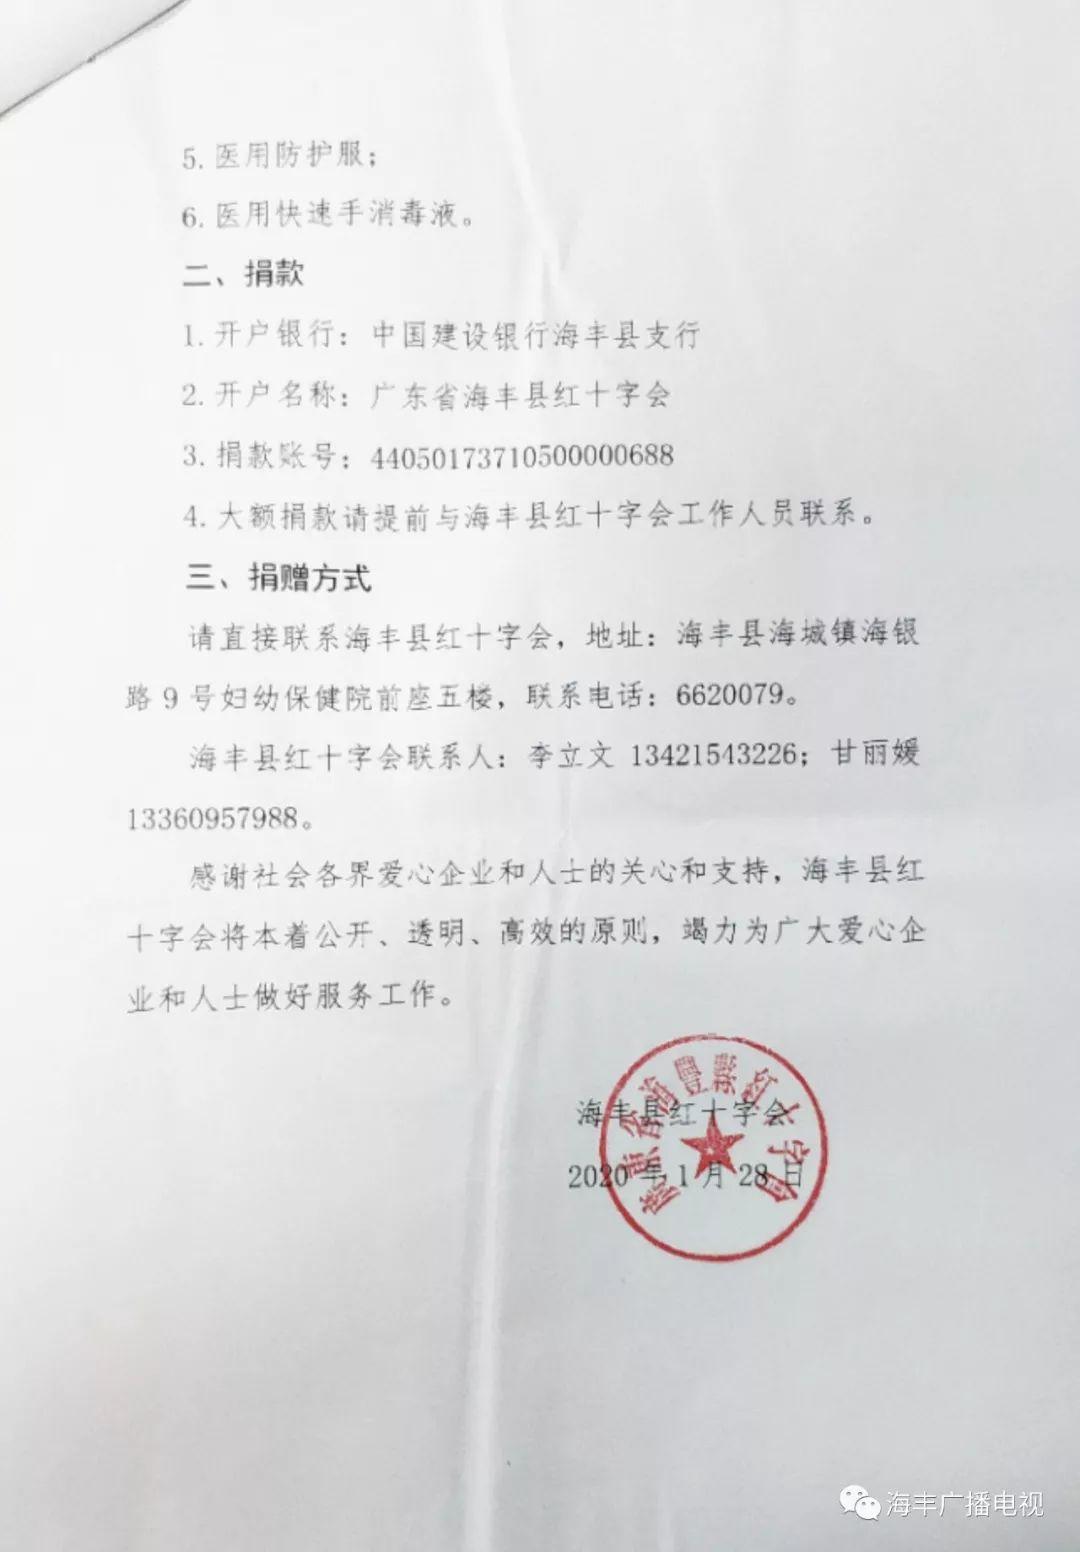 海丰县红十字会关于募集疫情防控工作物资的公告 海丰新闻 第2张